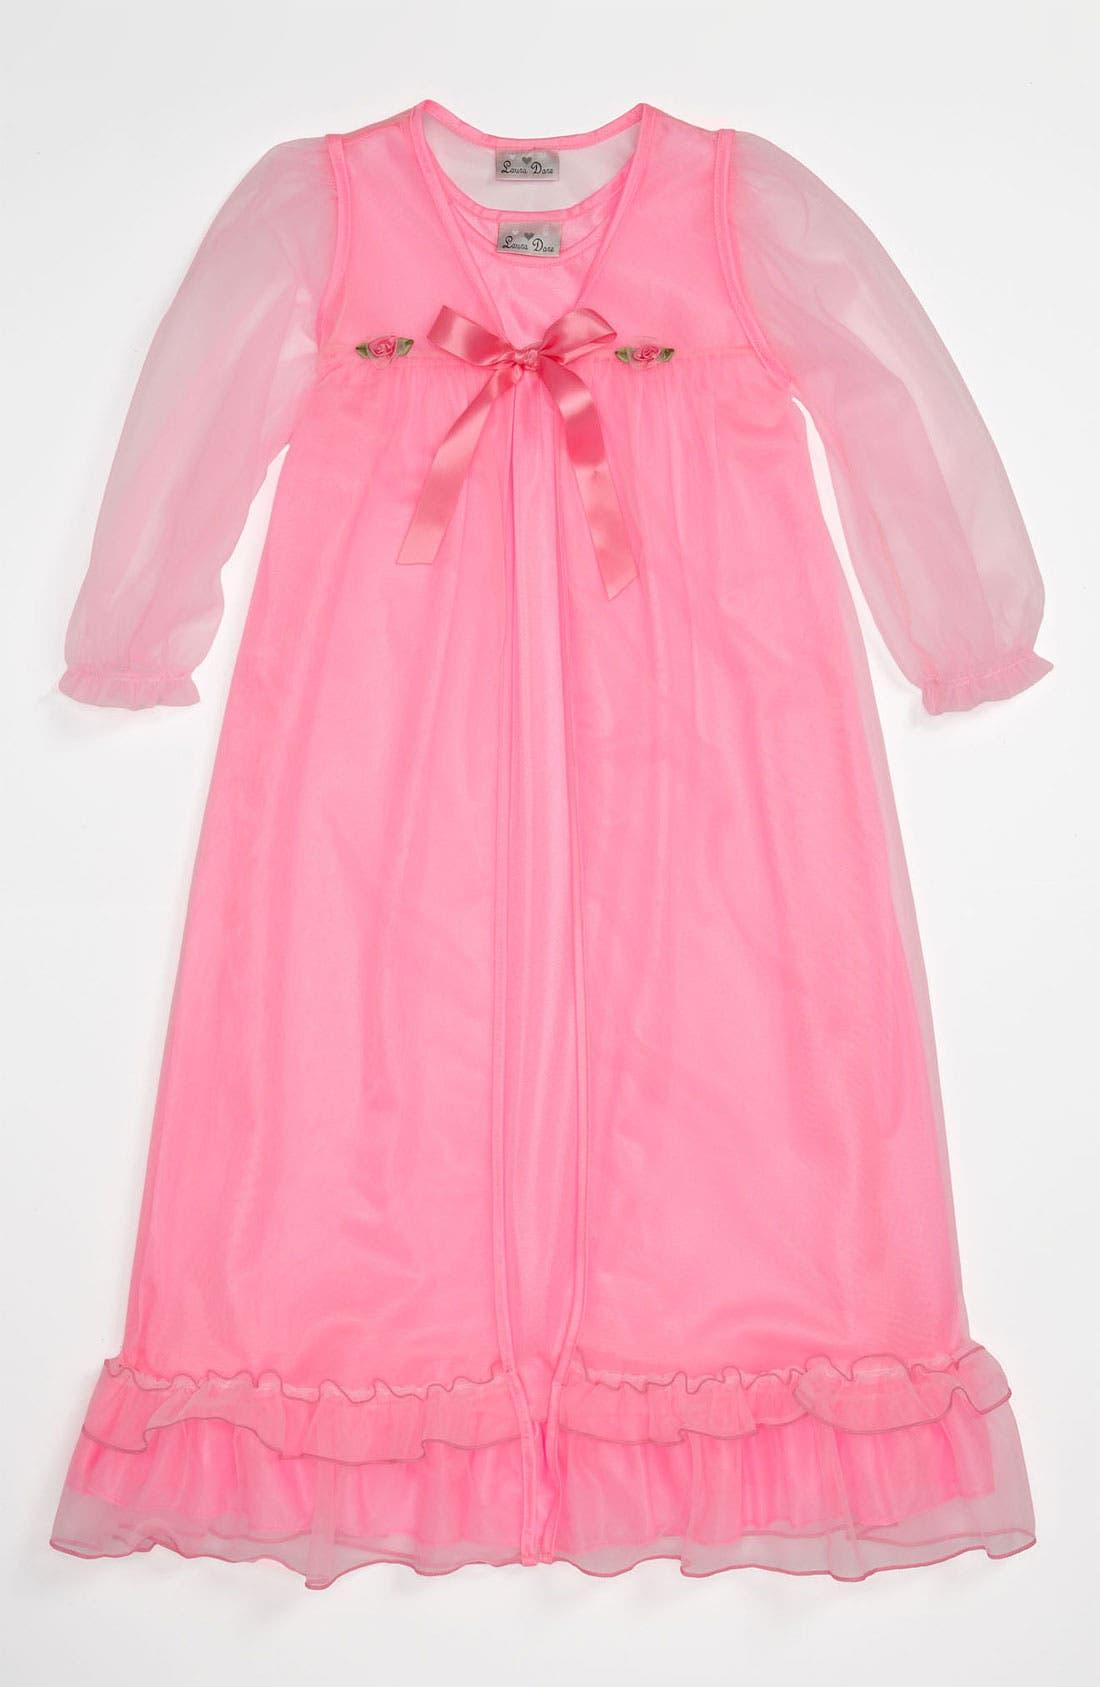 Main Image - Laura Dare Nightgown & Robe (Little Girls)